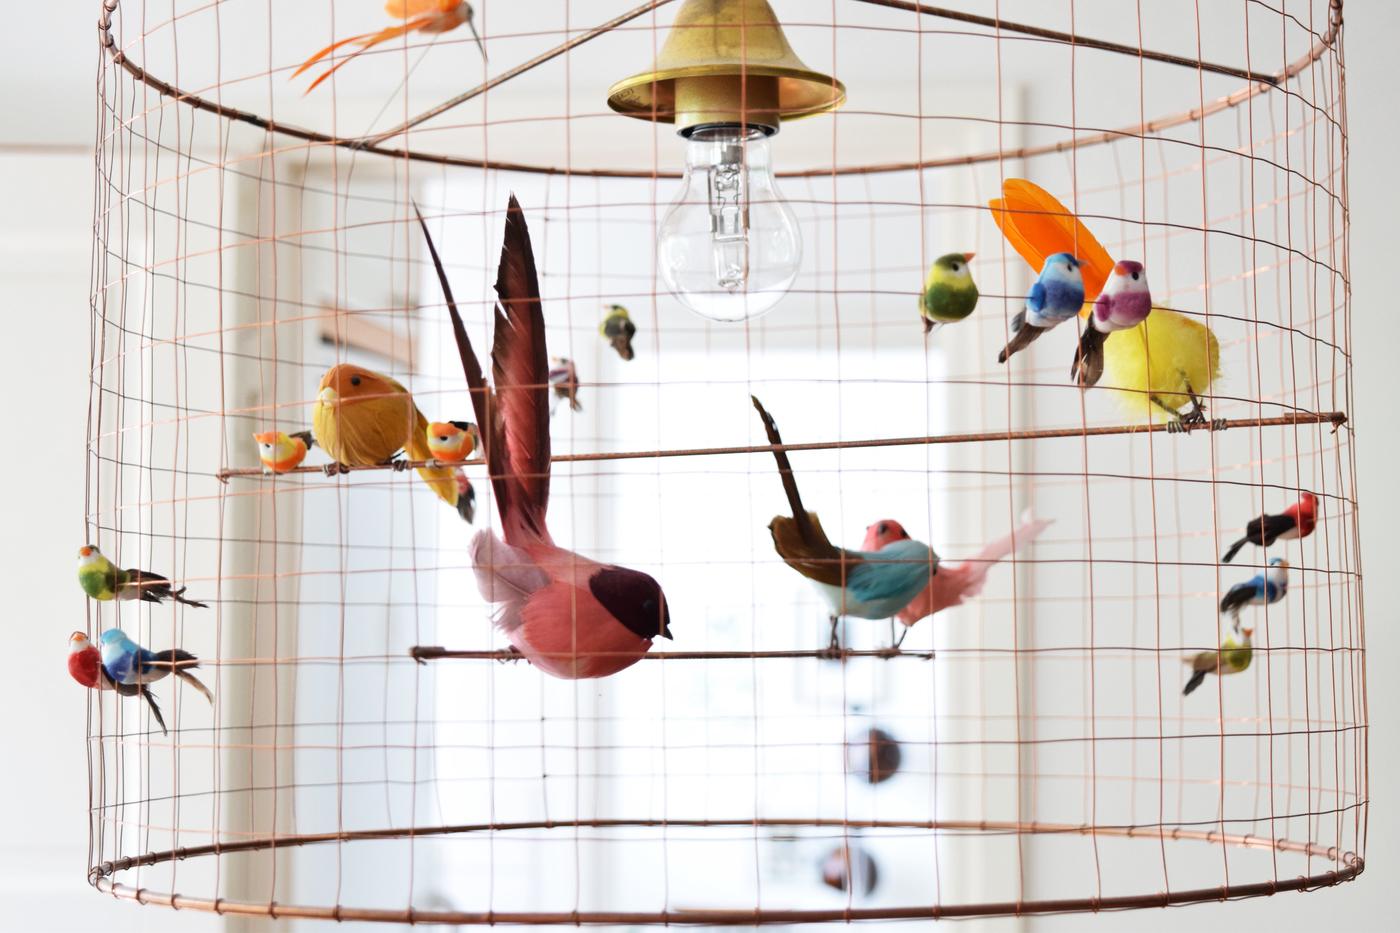 lintulamppu4.jpg